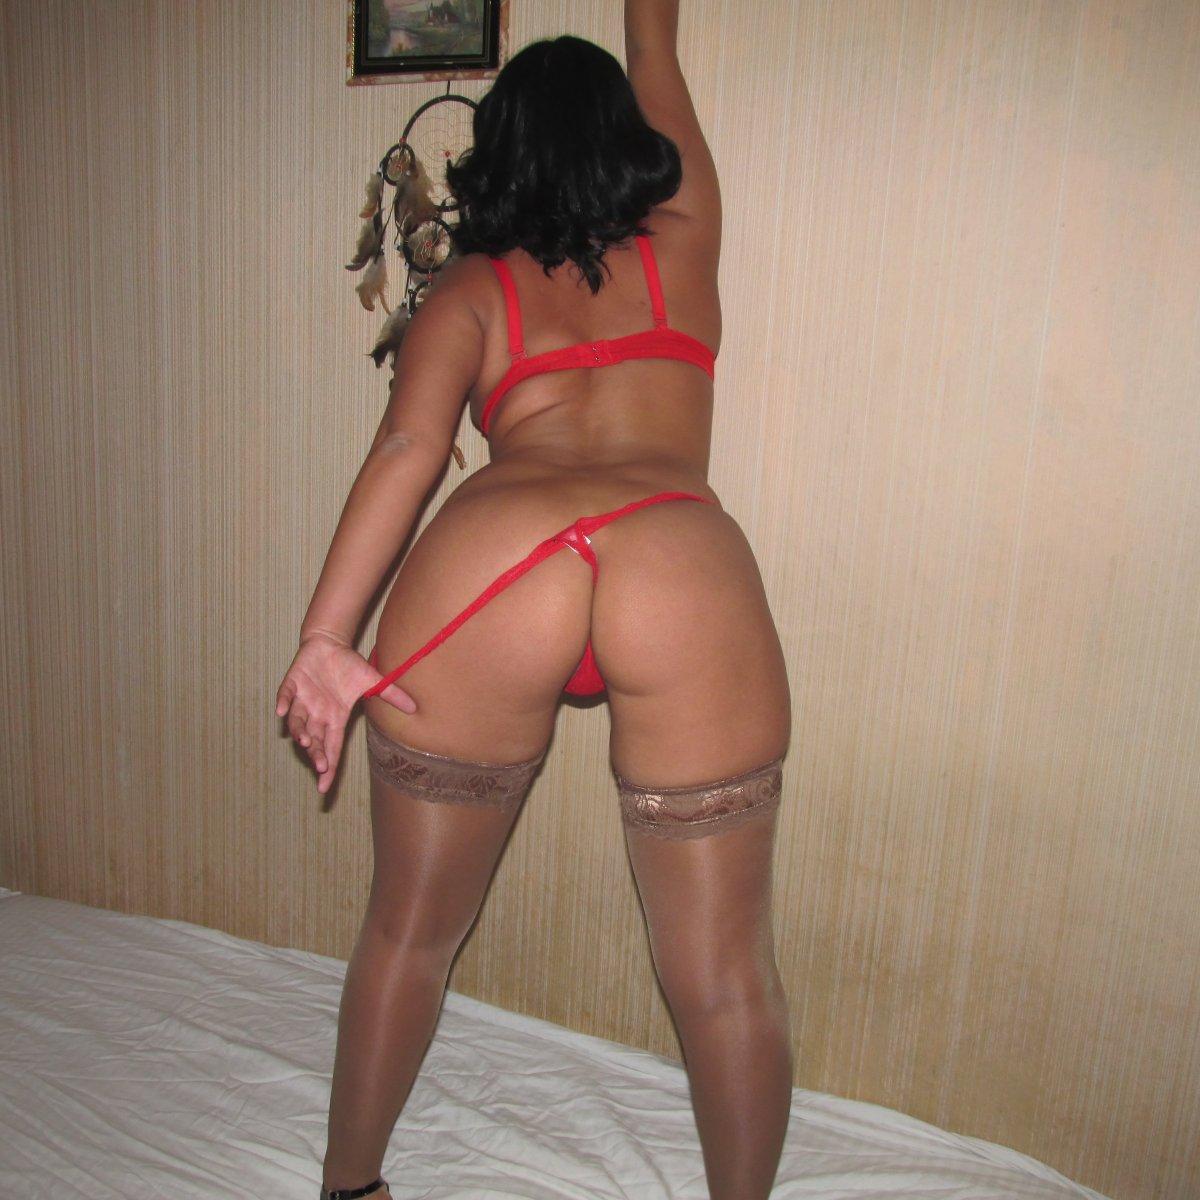 найти проститутку в кемерово